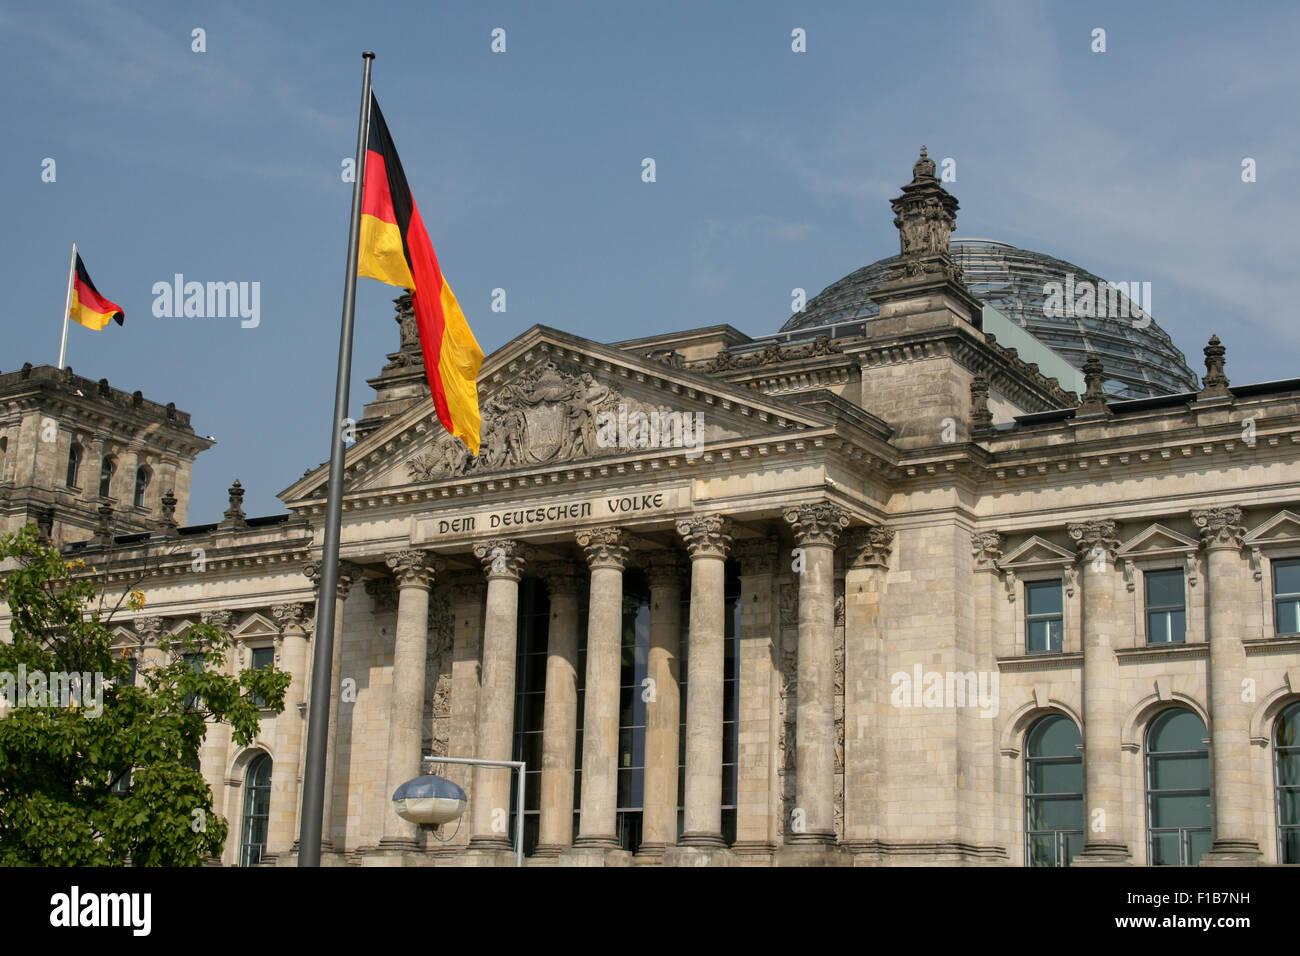 BERLIN REICHSTAG PARLIAMENT BUNDESTAG - Stock Image